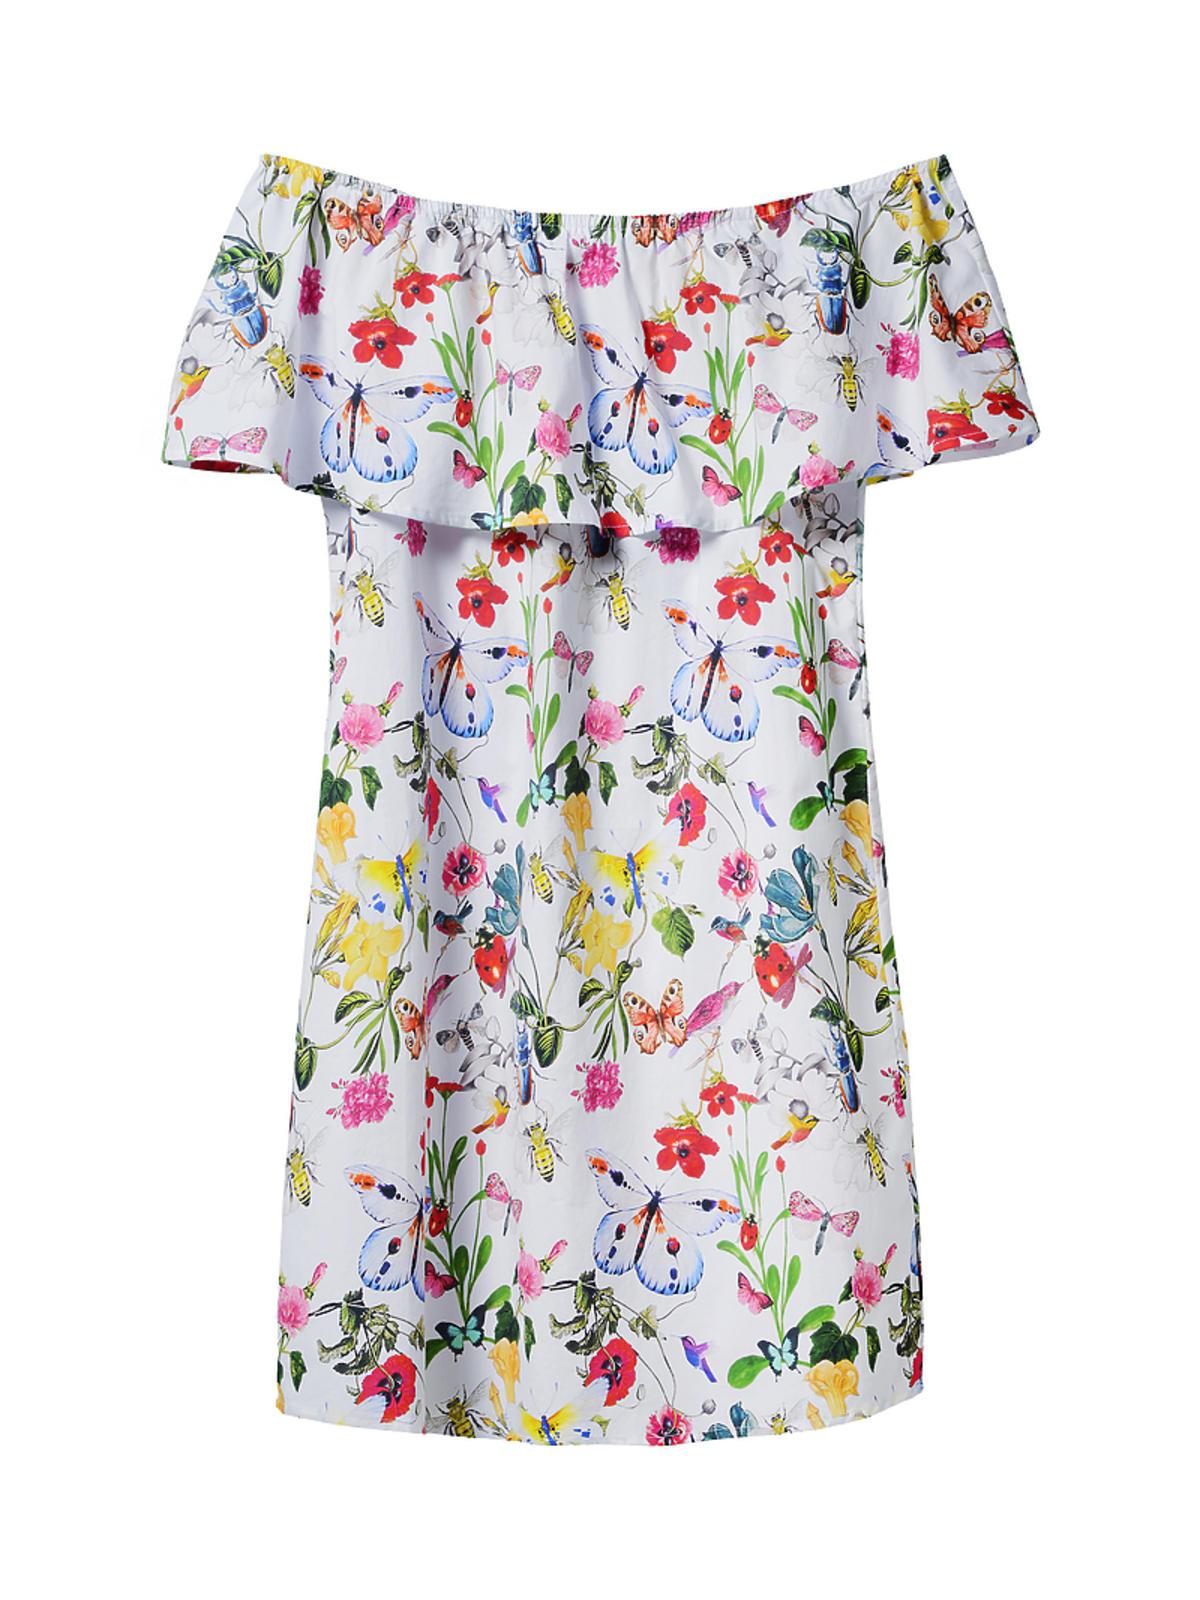 Sukienka w motyle, Mohito, 119,90 zł